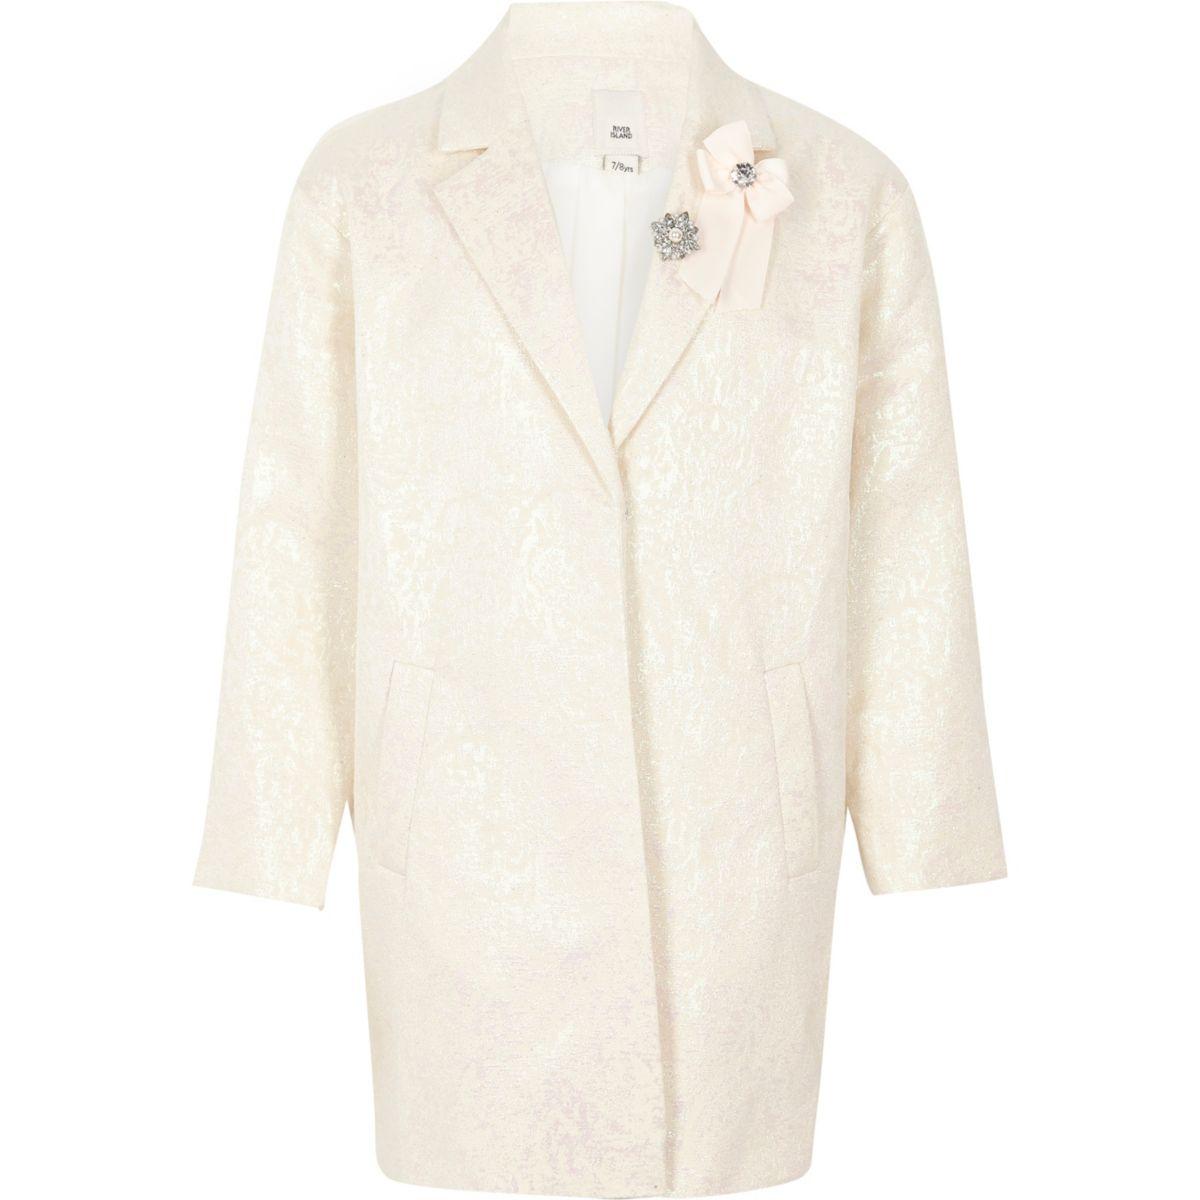 Weißer Jacquard-Mantel mit schillernder Brosche